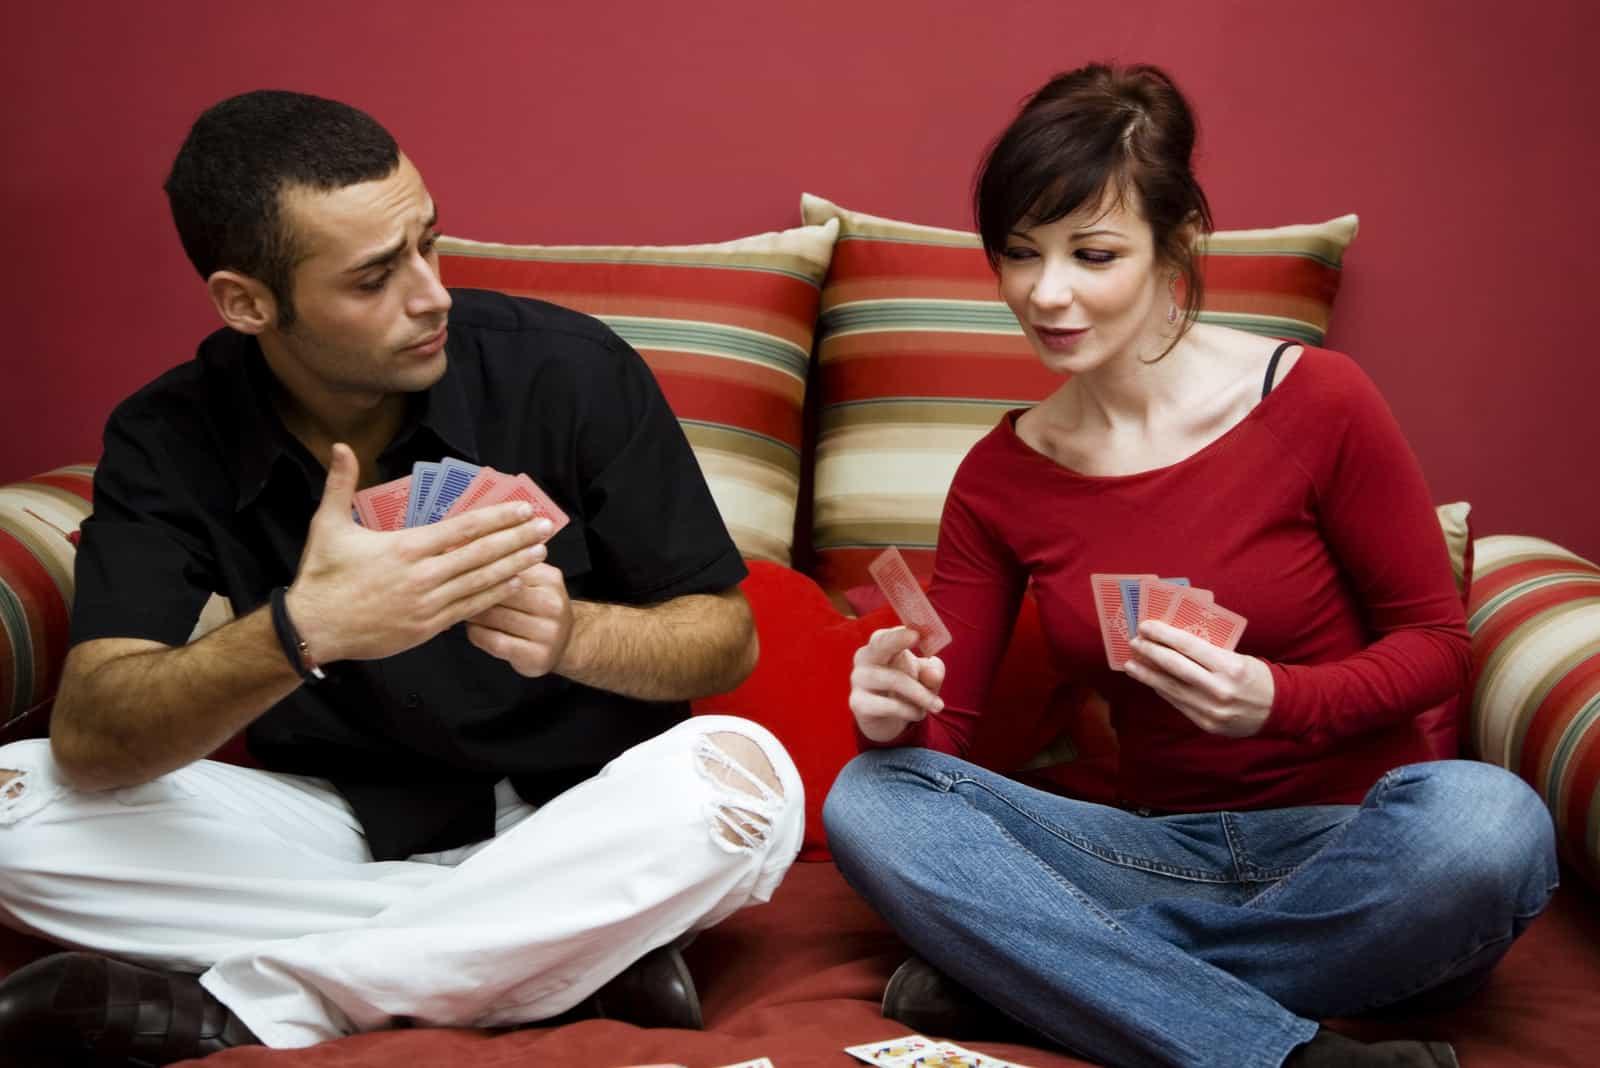 la femme regarde les cartes à l'homme